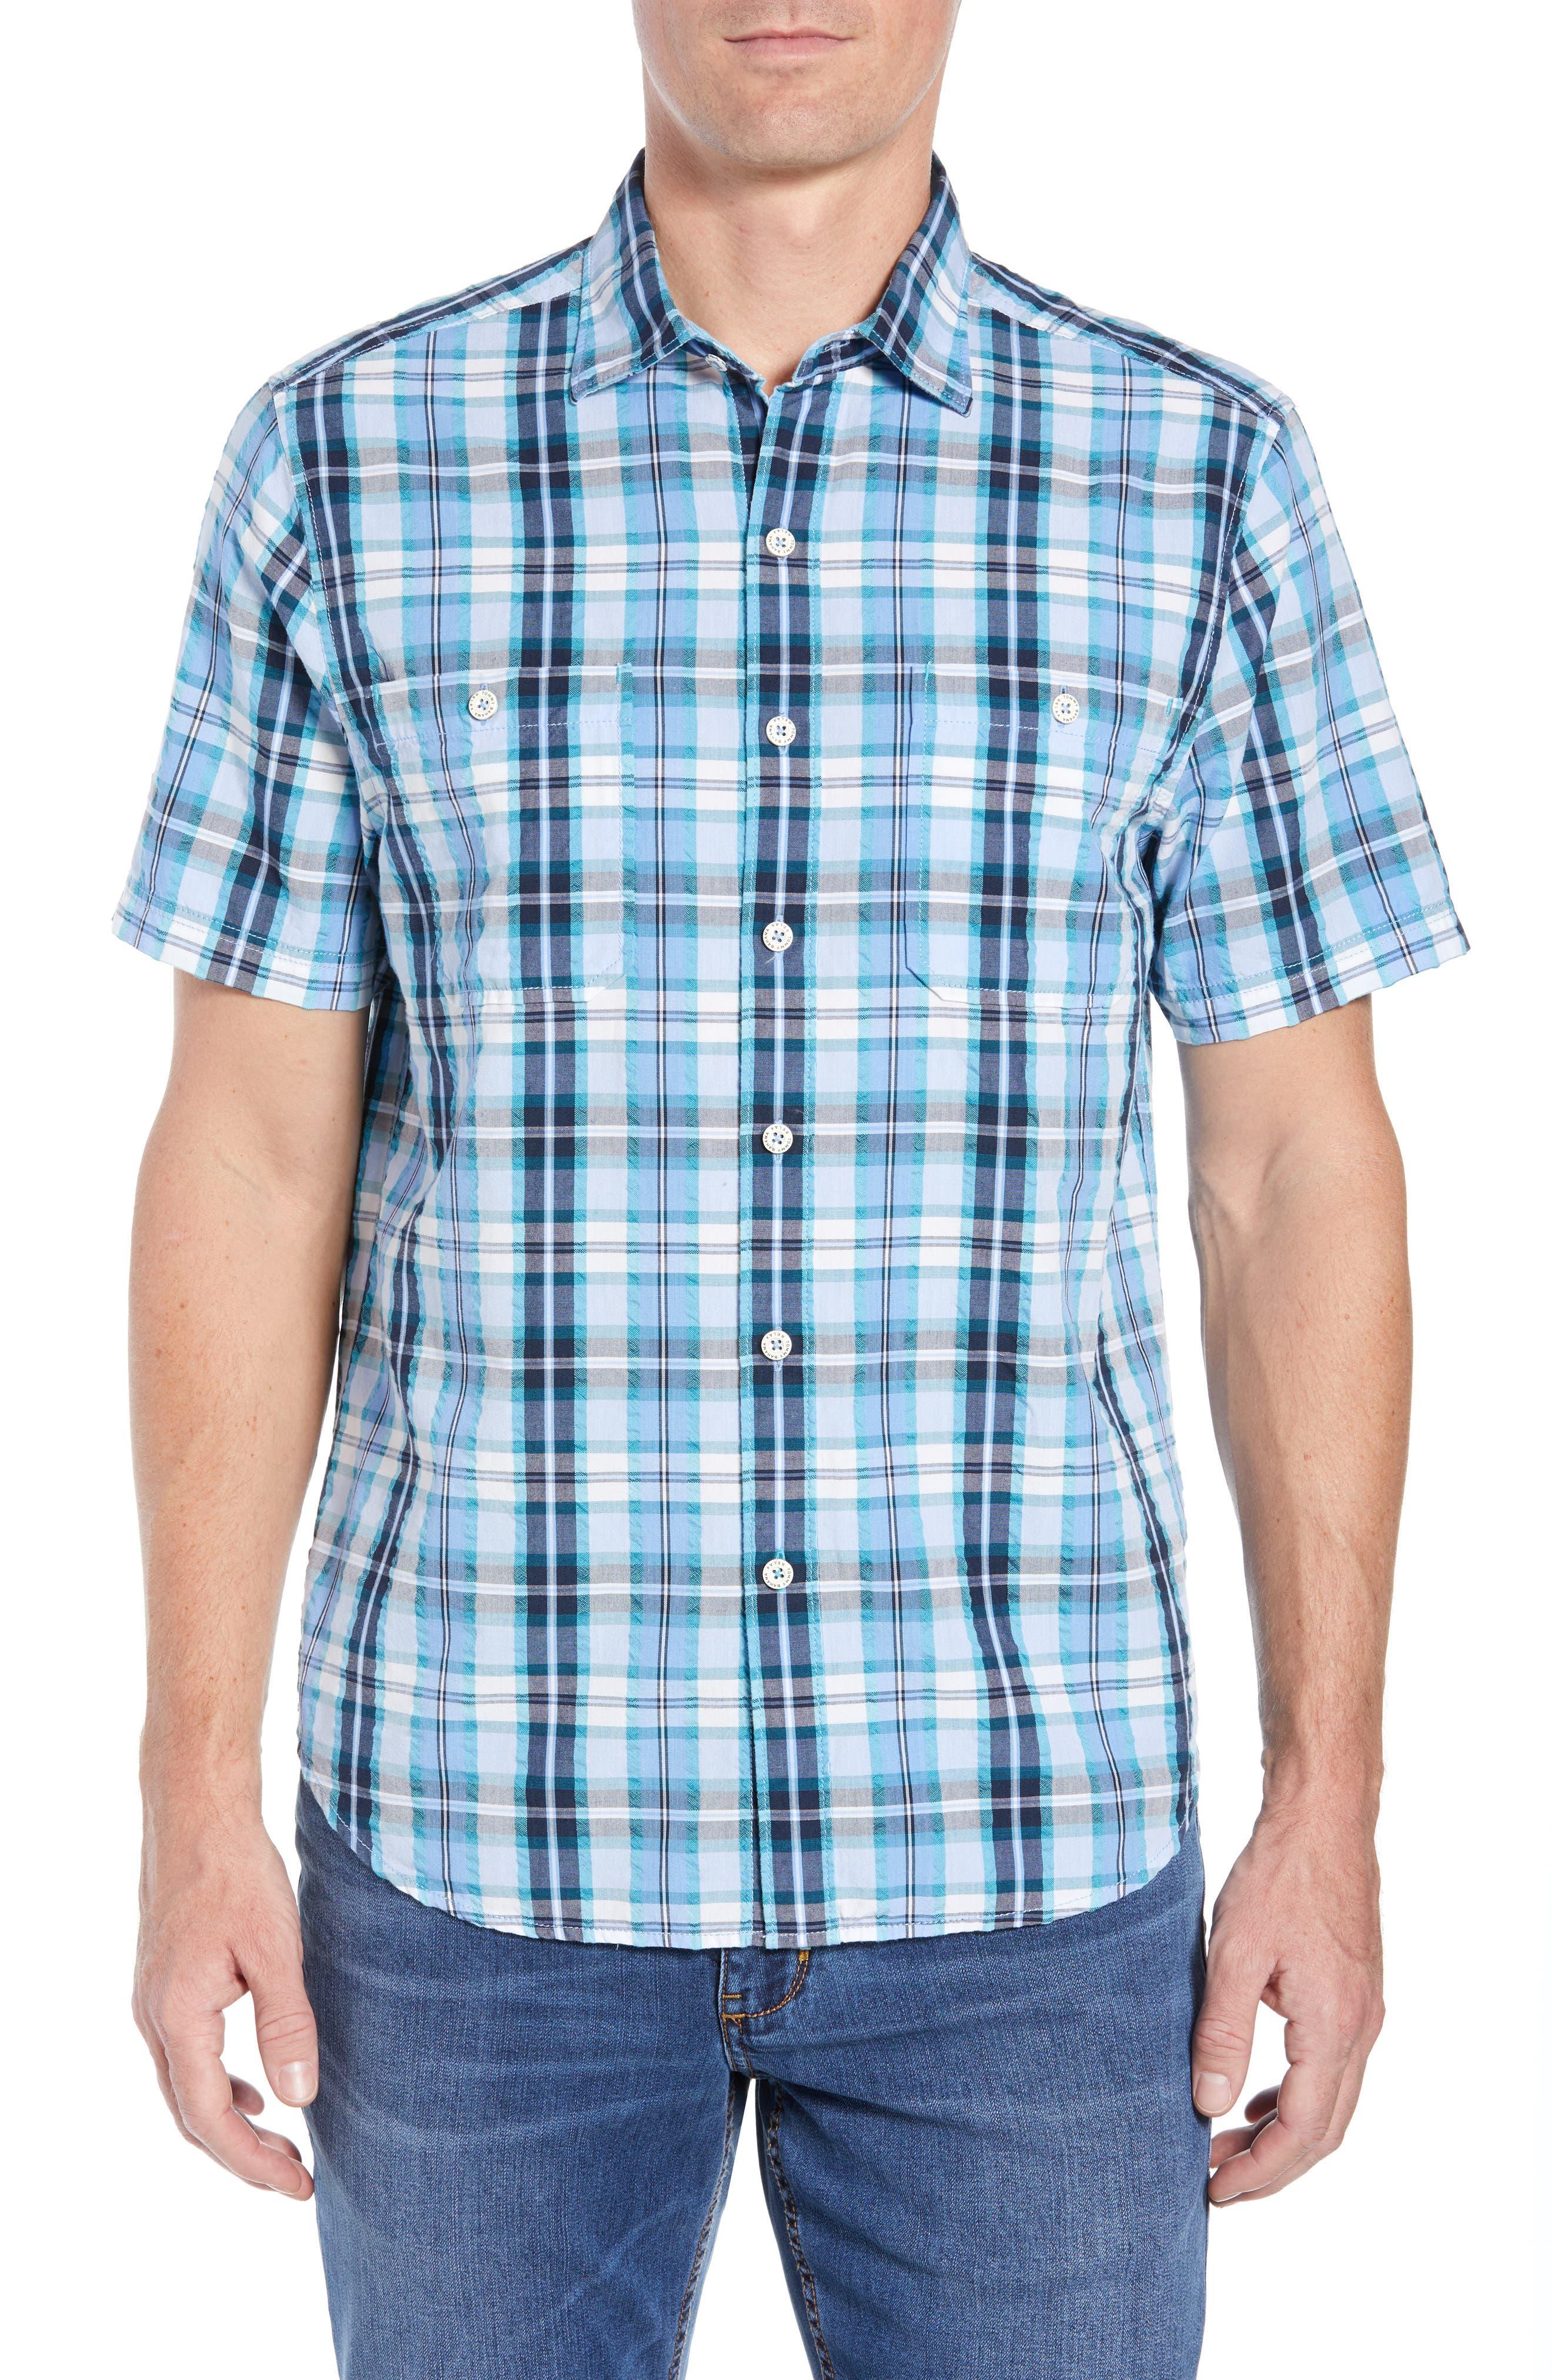 Papagayo Plaid Sport Shirt,                             Main thumbnail 1, color,                             RIVIERA AZURE